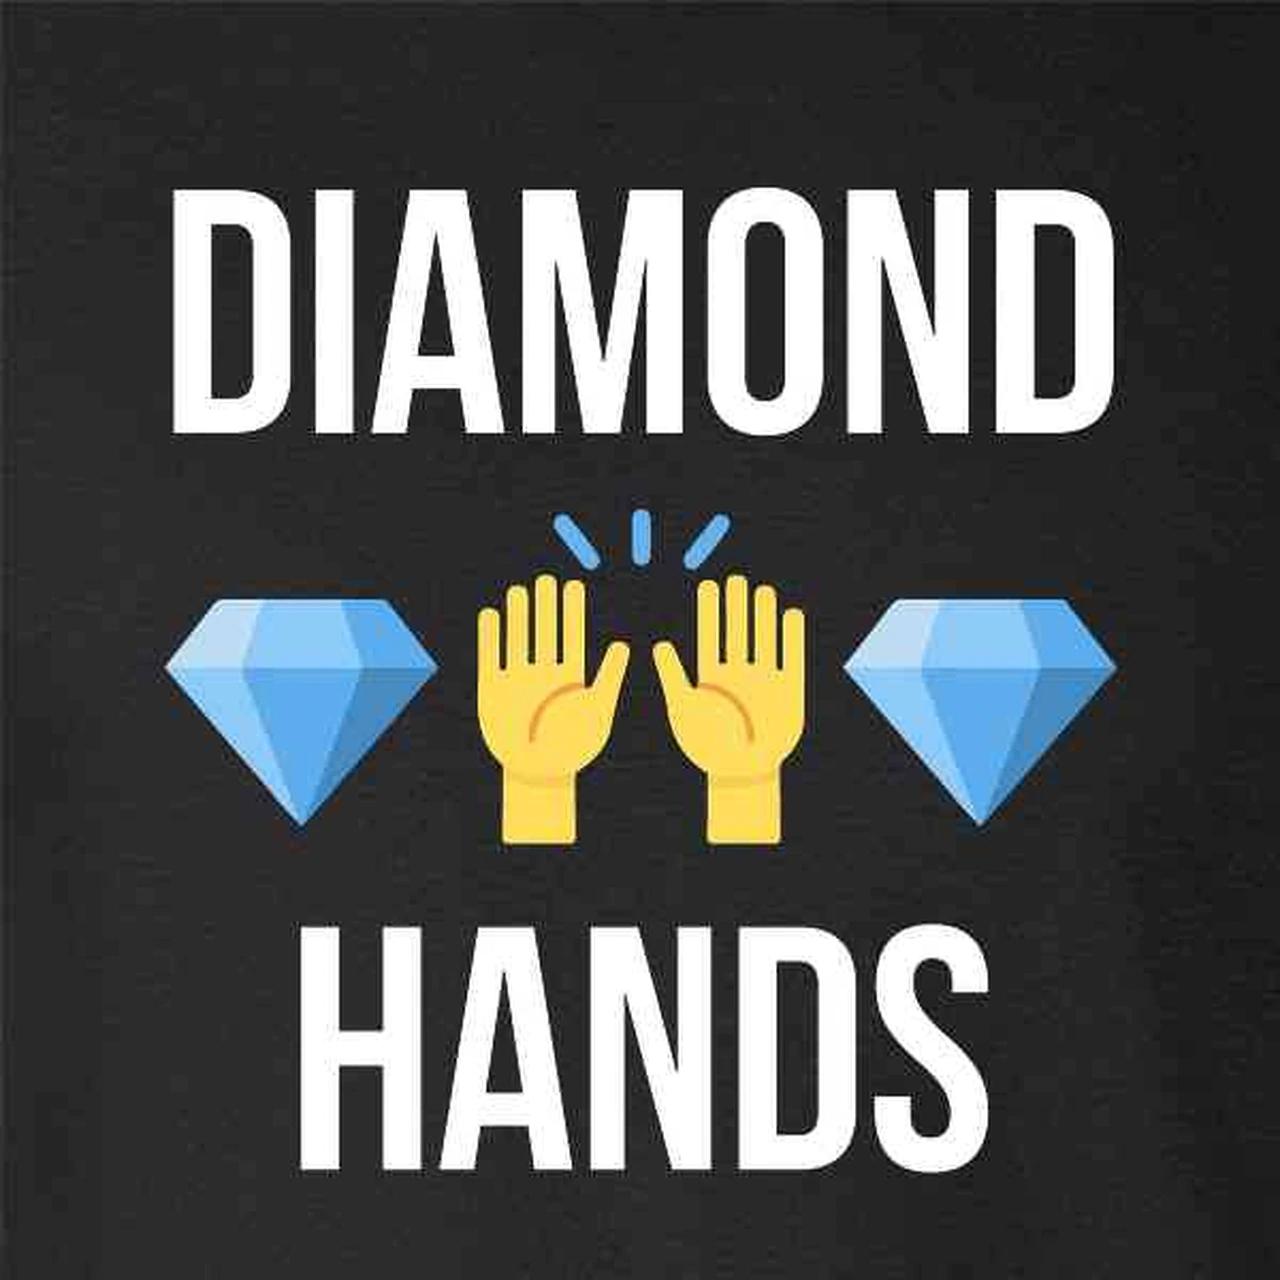 Imagem com o texto diamond hands, com um emoji de mãos saudando entre dois emojis de diamante.